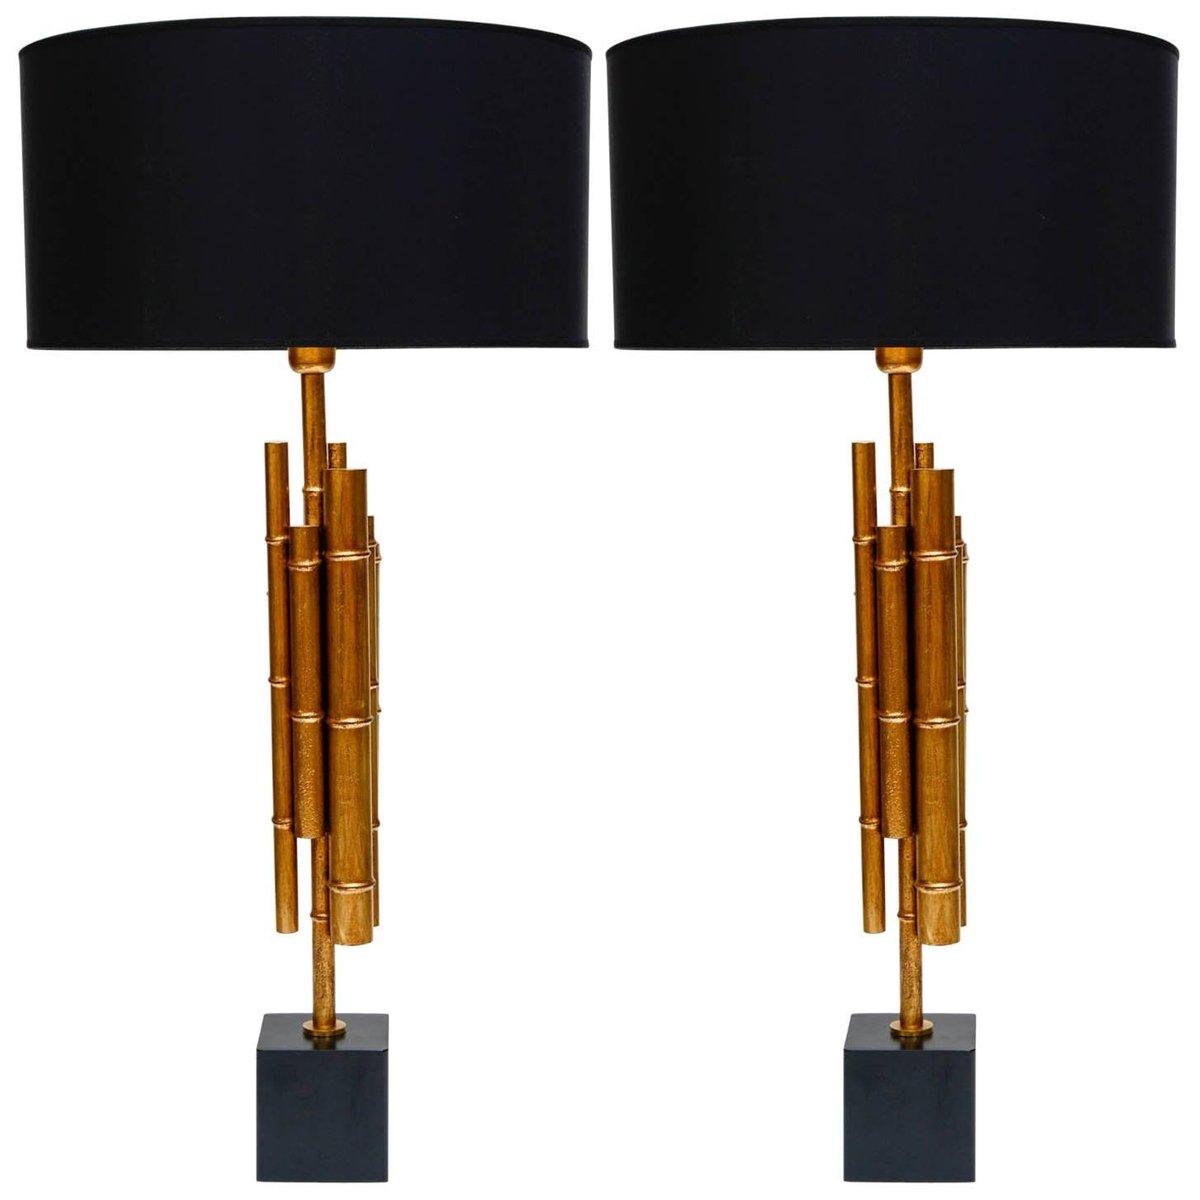 Vintage Bambus Tischlampen aus Metall & Messing, 2er Set